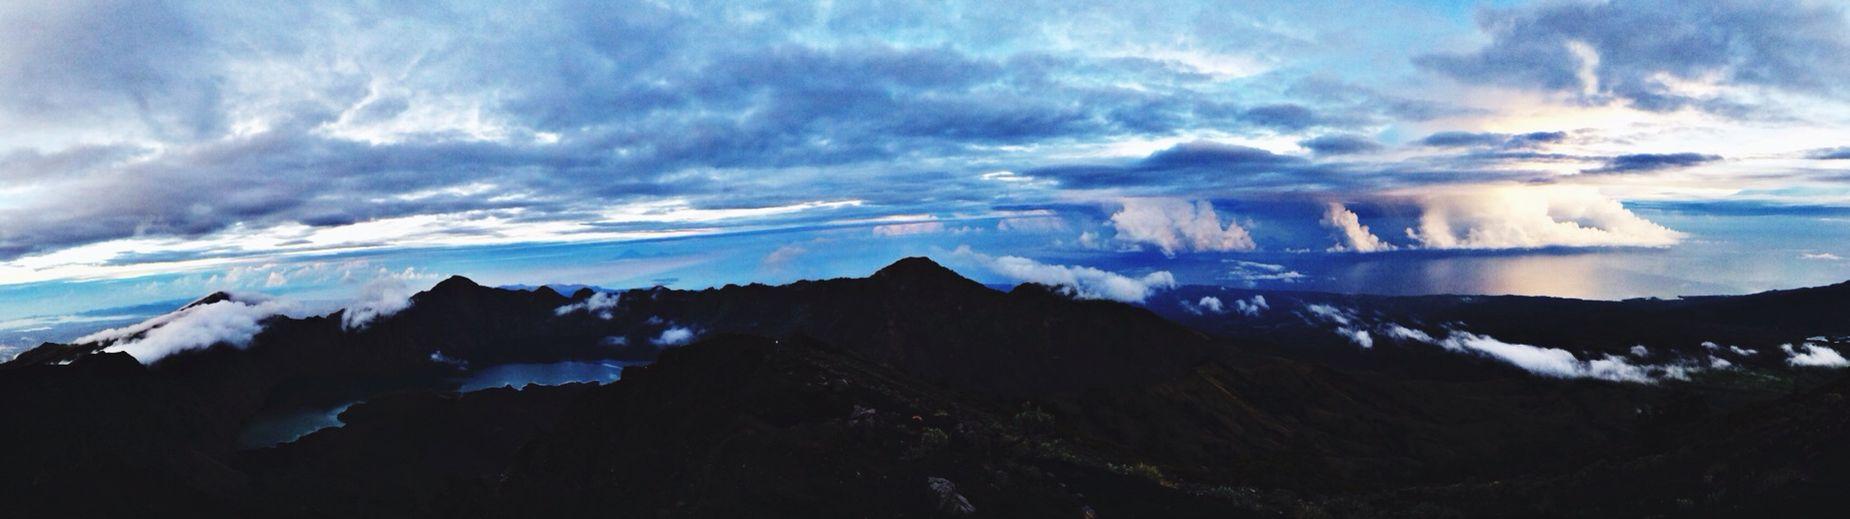 Cloudporn Trekking Skyporn Mountain